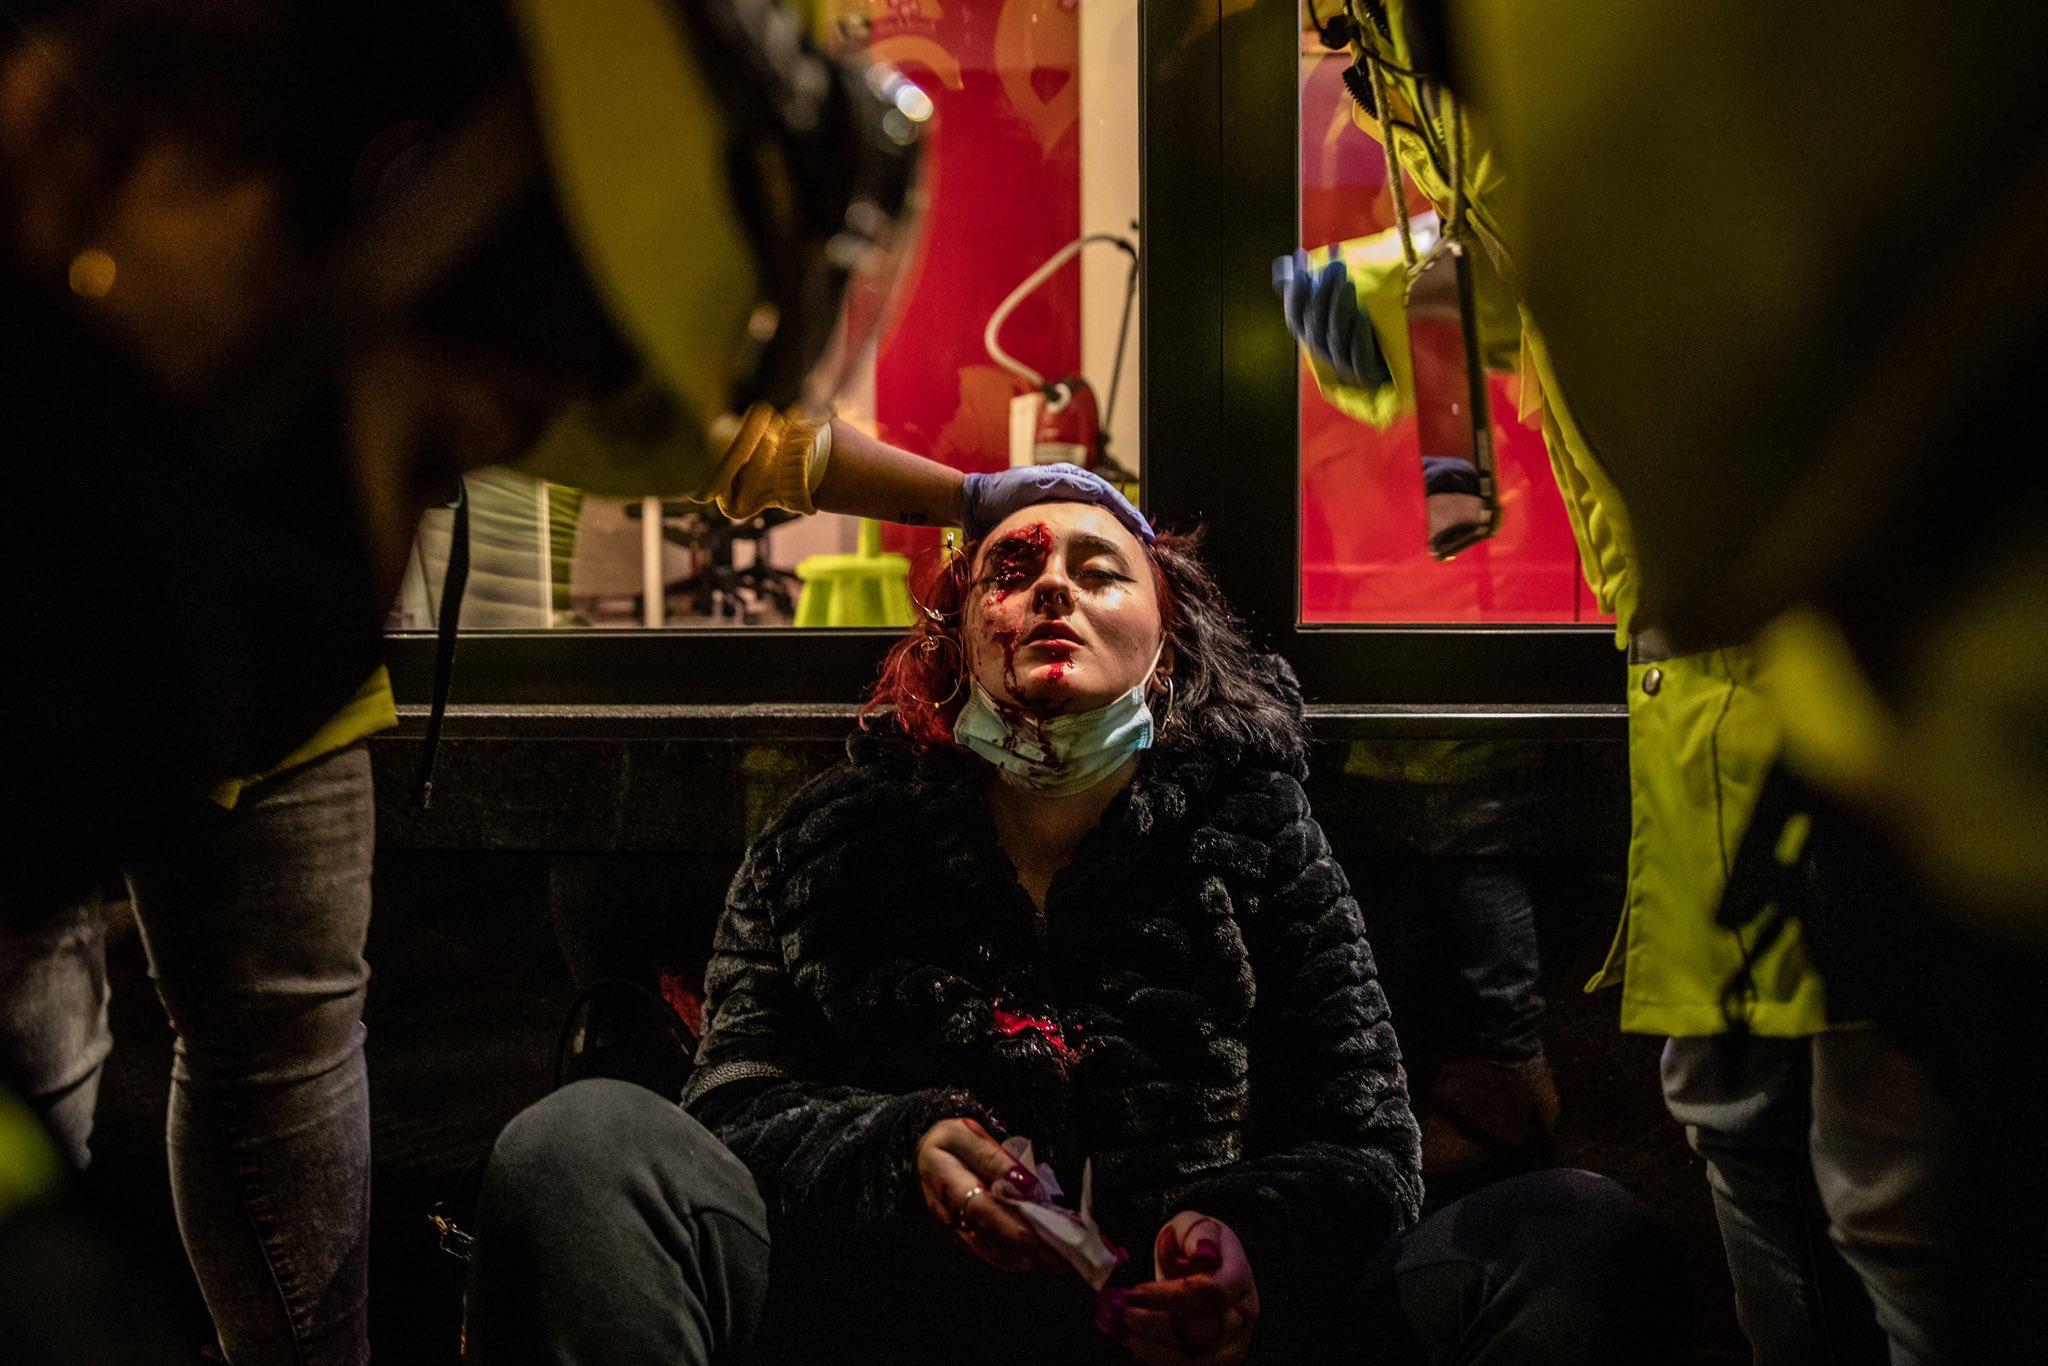 Encarcelado el rapero Pablo Hasél tras ser detenido por los Mossos en la Universidad de Lleida. Manifestaciones de apoyo y denuncia en distintas ciudades. EucYglxXAAA-nnC?format=jpg&name=large